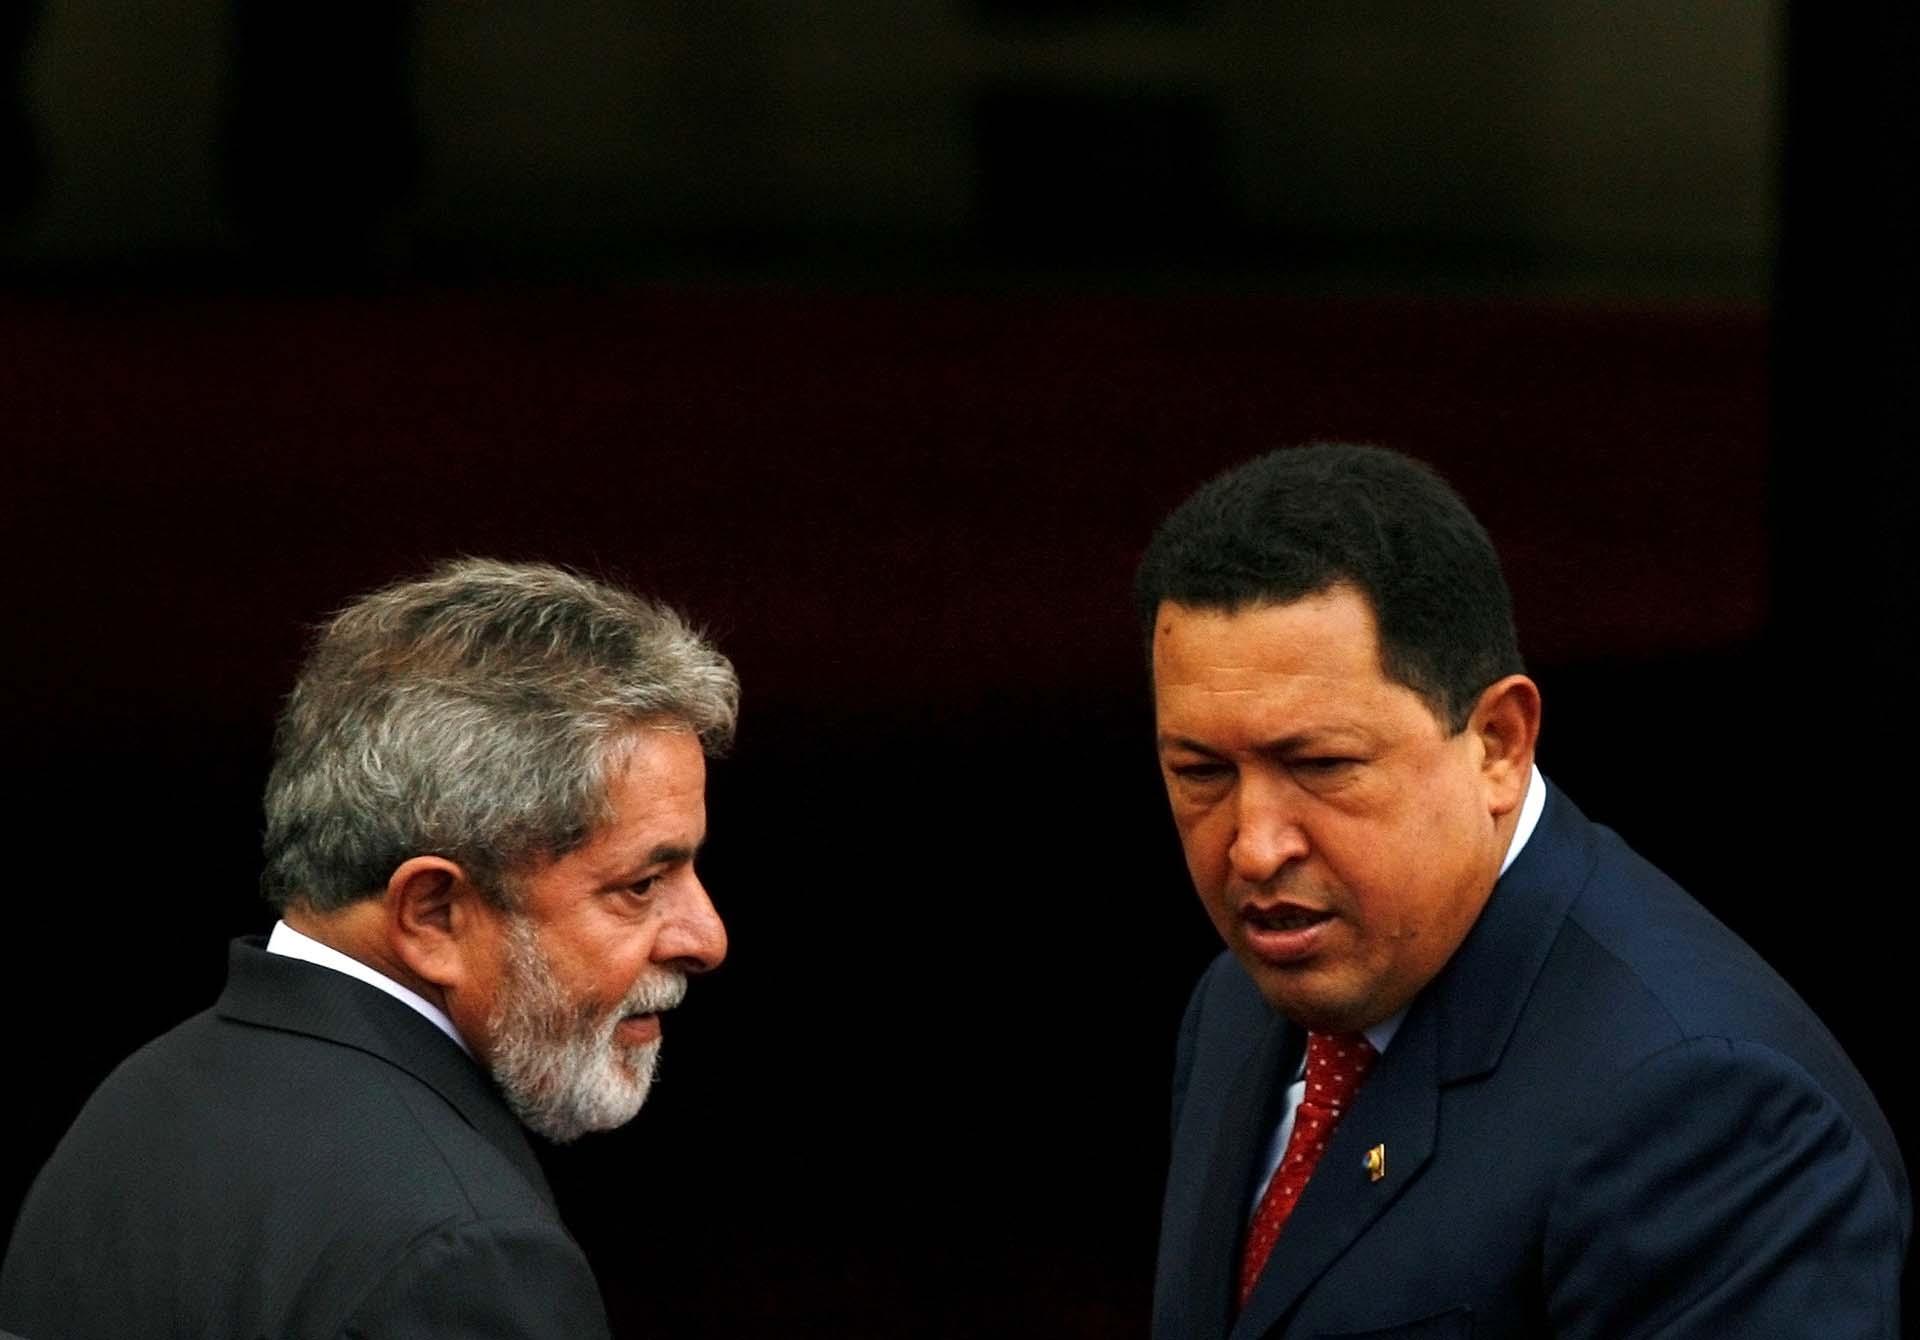 Lula forjó una estrecha relación con el fallecido ex presidente de Venezuela Hugo Chávez. Esta imagen fue tomada en una de sus visitas el Palacio de Miraflores, en Caracas, el 13 de diciembre de 2007 (Reuters/Jorge Silva)